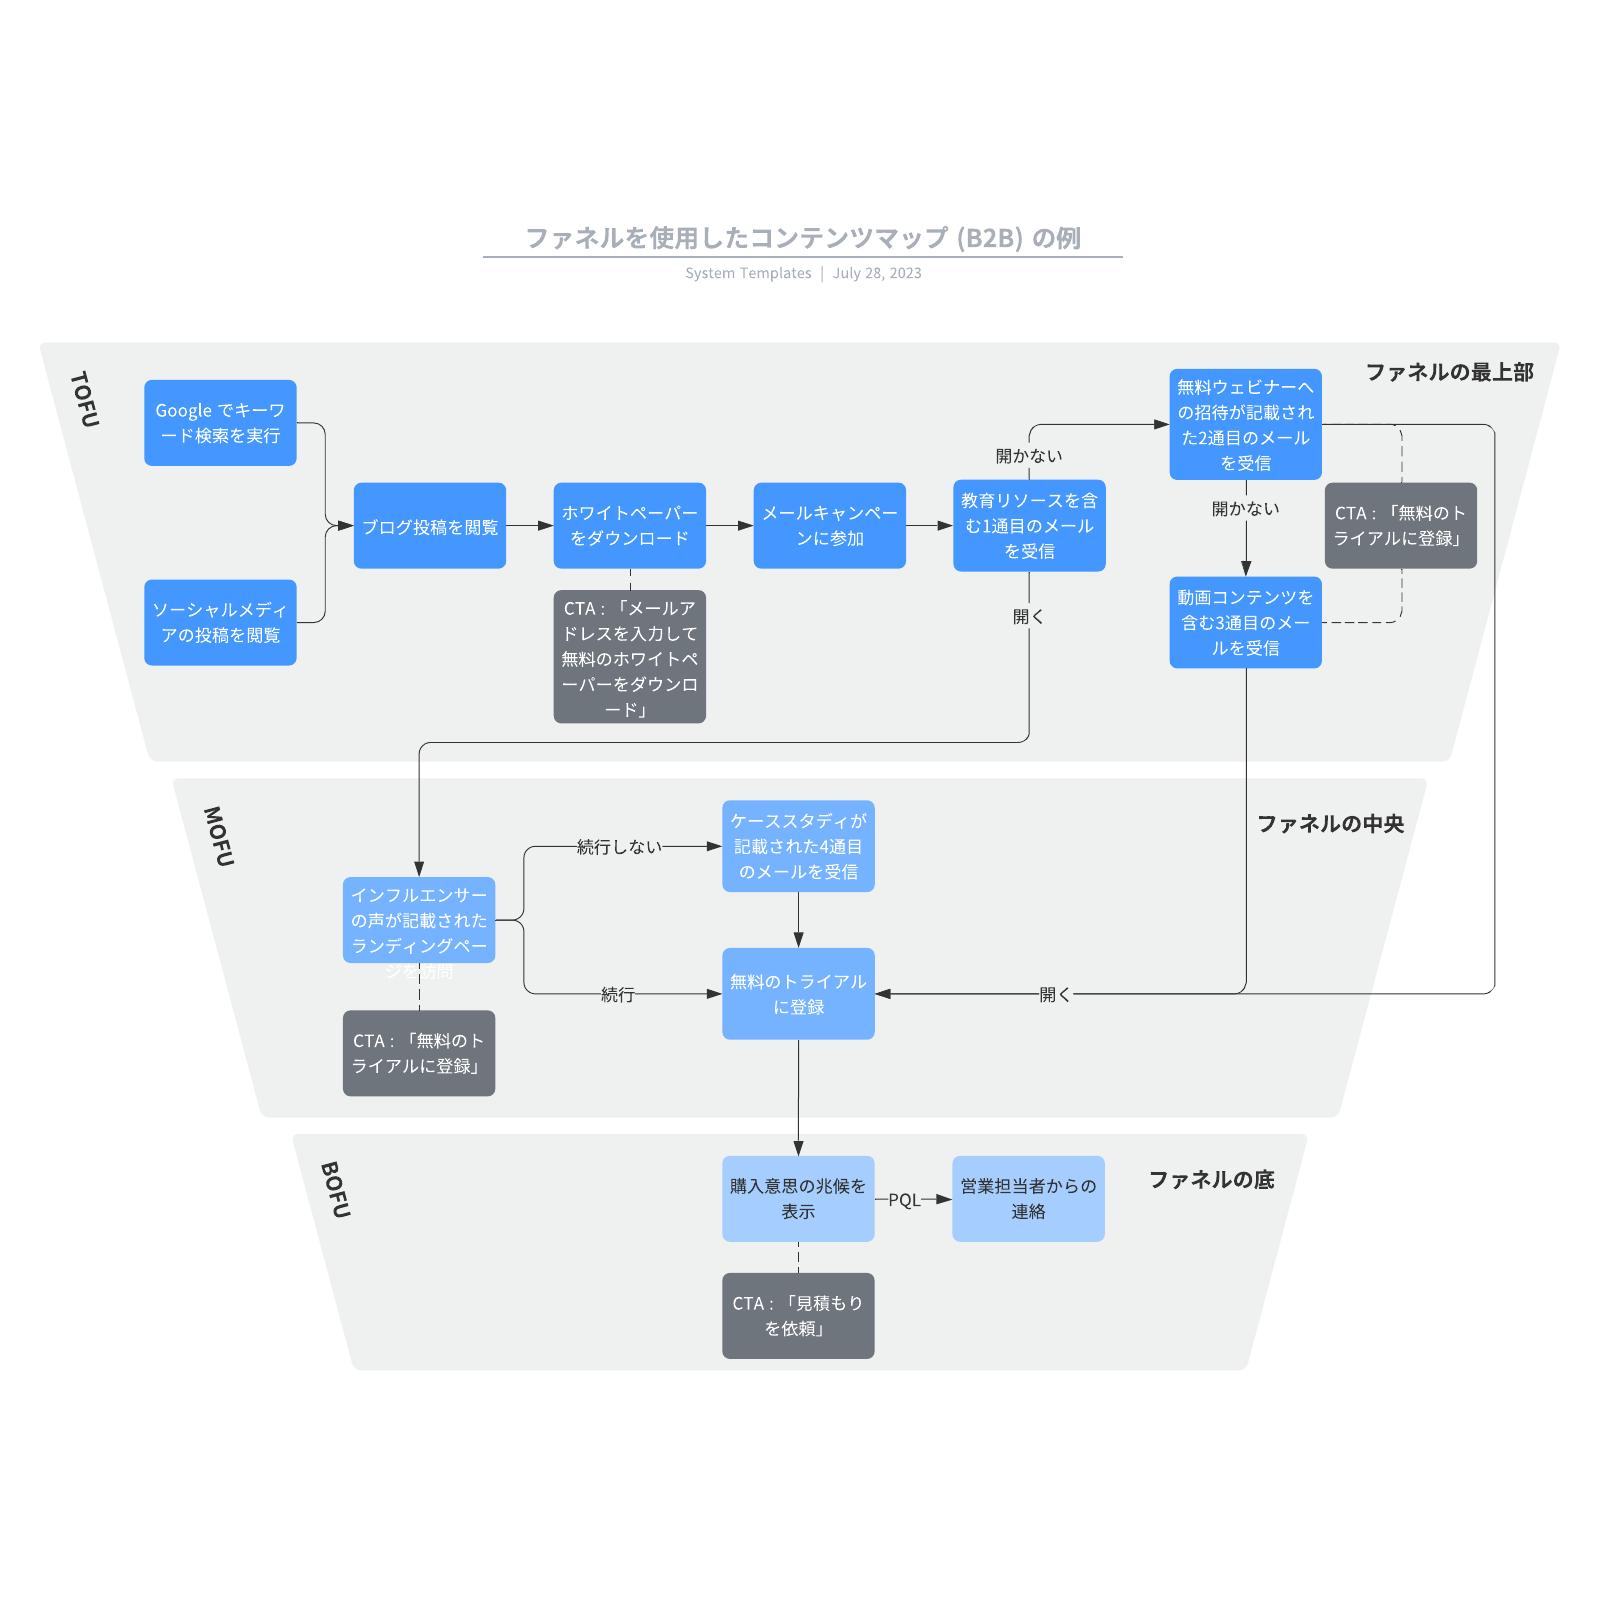 マーケティングコンテンツマップテンプレートとファネルを表した例